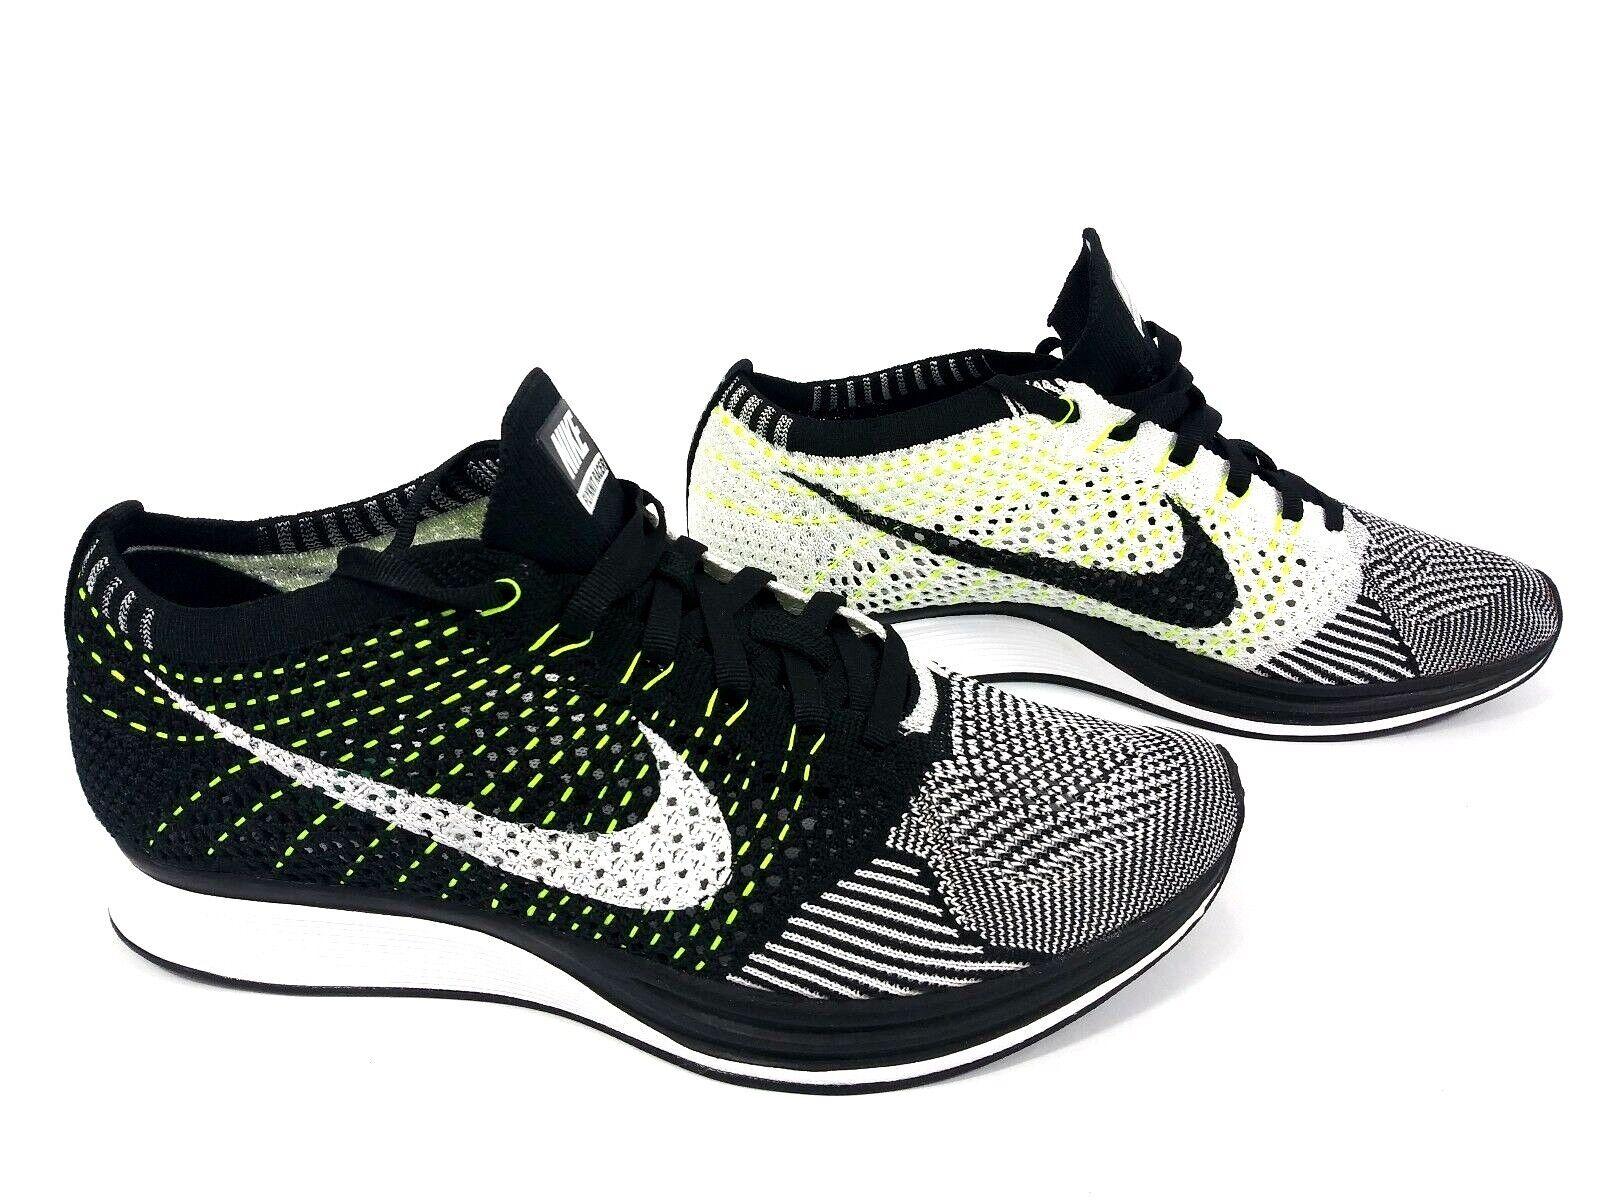 Nike Flyknit Racer Black White-White 526628-011 Size Men's Men's Men's 7 - Women's 8.5 New 6b1794